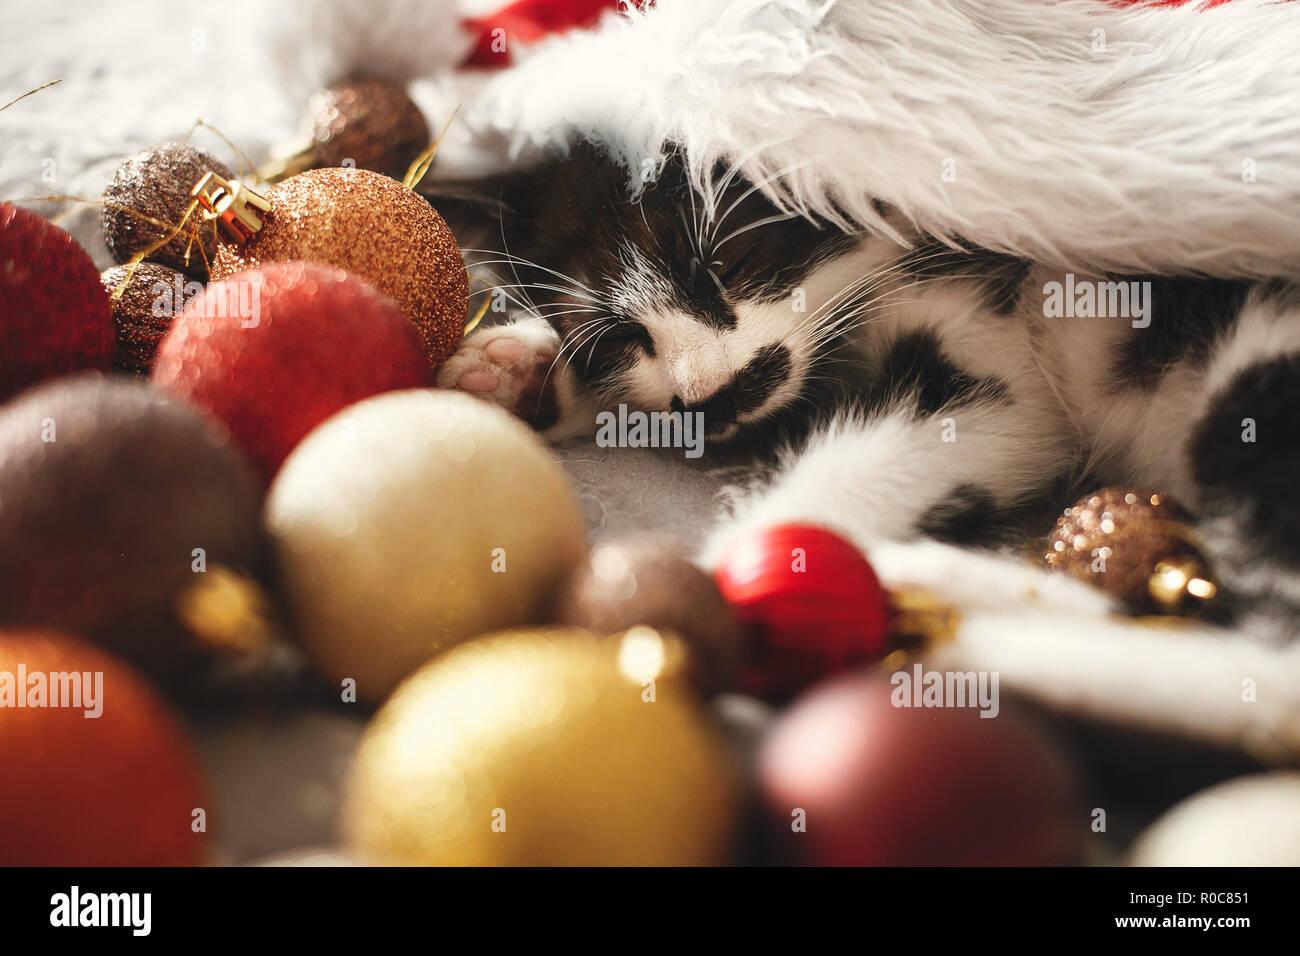 Cute Kitty schlafen in Santa Hut auf dem Bett mit Gold und Rot Christbaumkugeln in festlichen Raum. Frohe Weihnachten Konzept. Adorable Kätzchen Nickerchen. Atmosph Stockbild